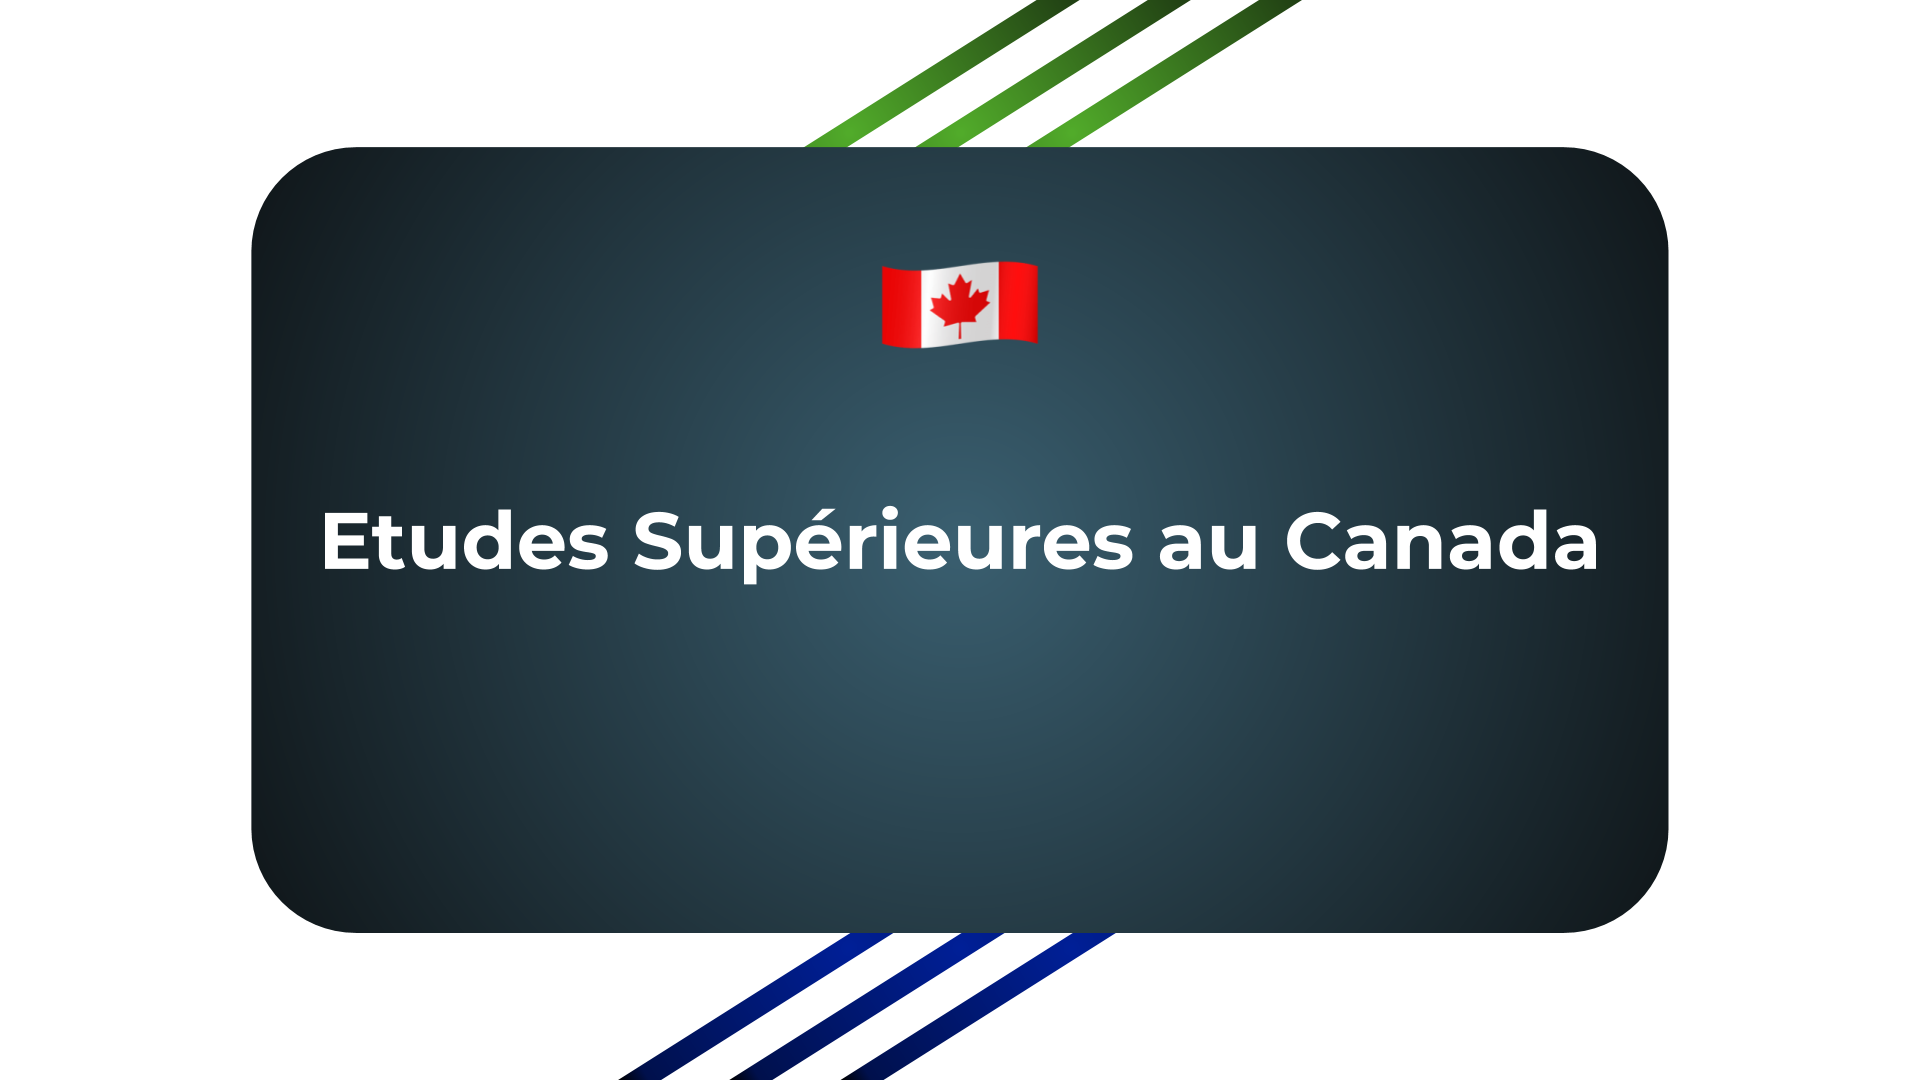 Etudes Supérieures au Canada